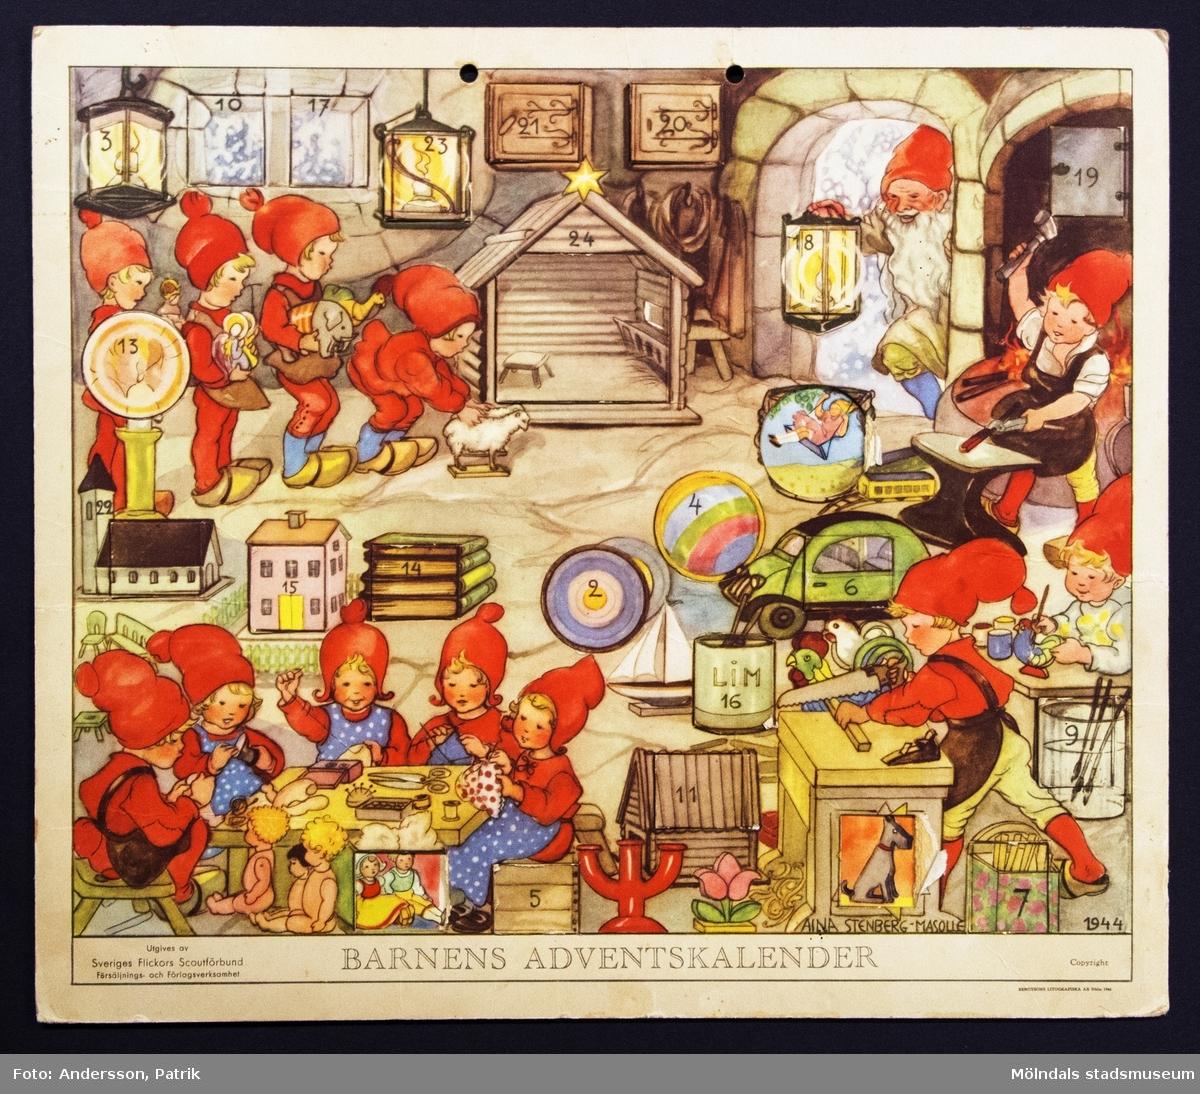 Barnens adventskalender från december 1944 utgiven av Sveriges Flickors Scutförbund. Motivet är tecknat av Aina Stenberg - Masolle. Kalendern fick Gunilla Ferm tillsammans med sina systrar Birgitta och Kristina. Kalendern gick i omtryck 1976. I övre kanten på kalendern finns två hål för upphängning.